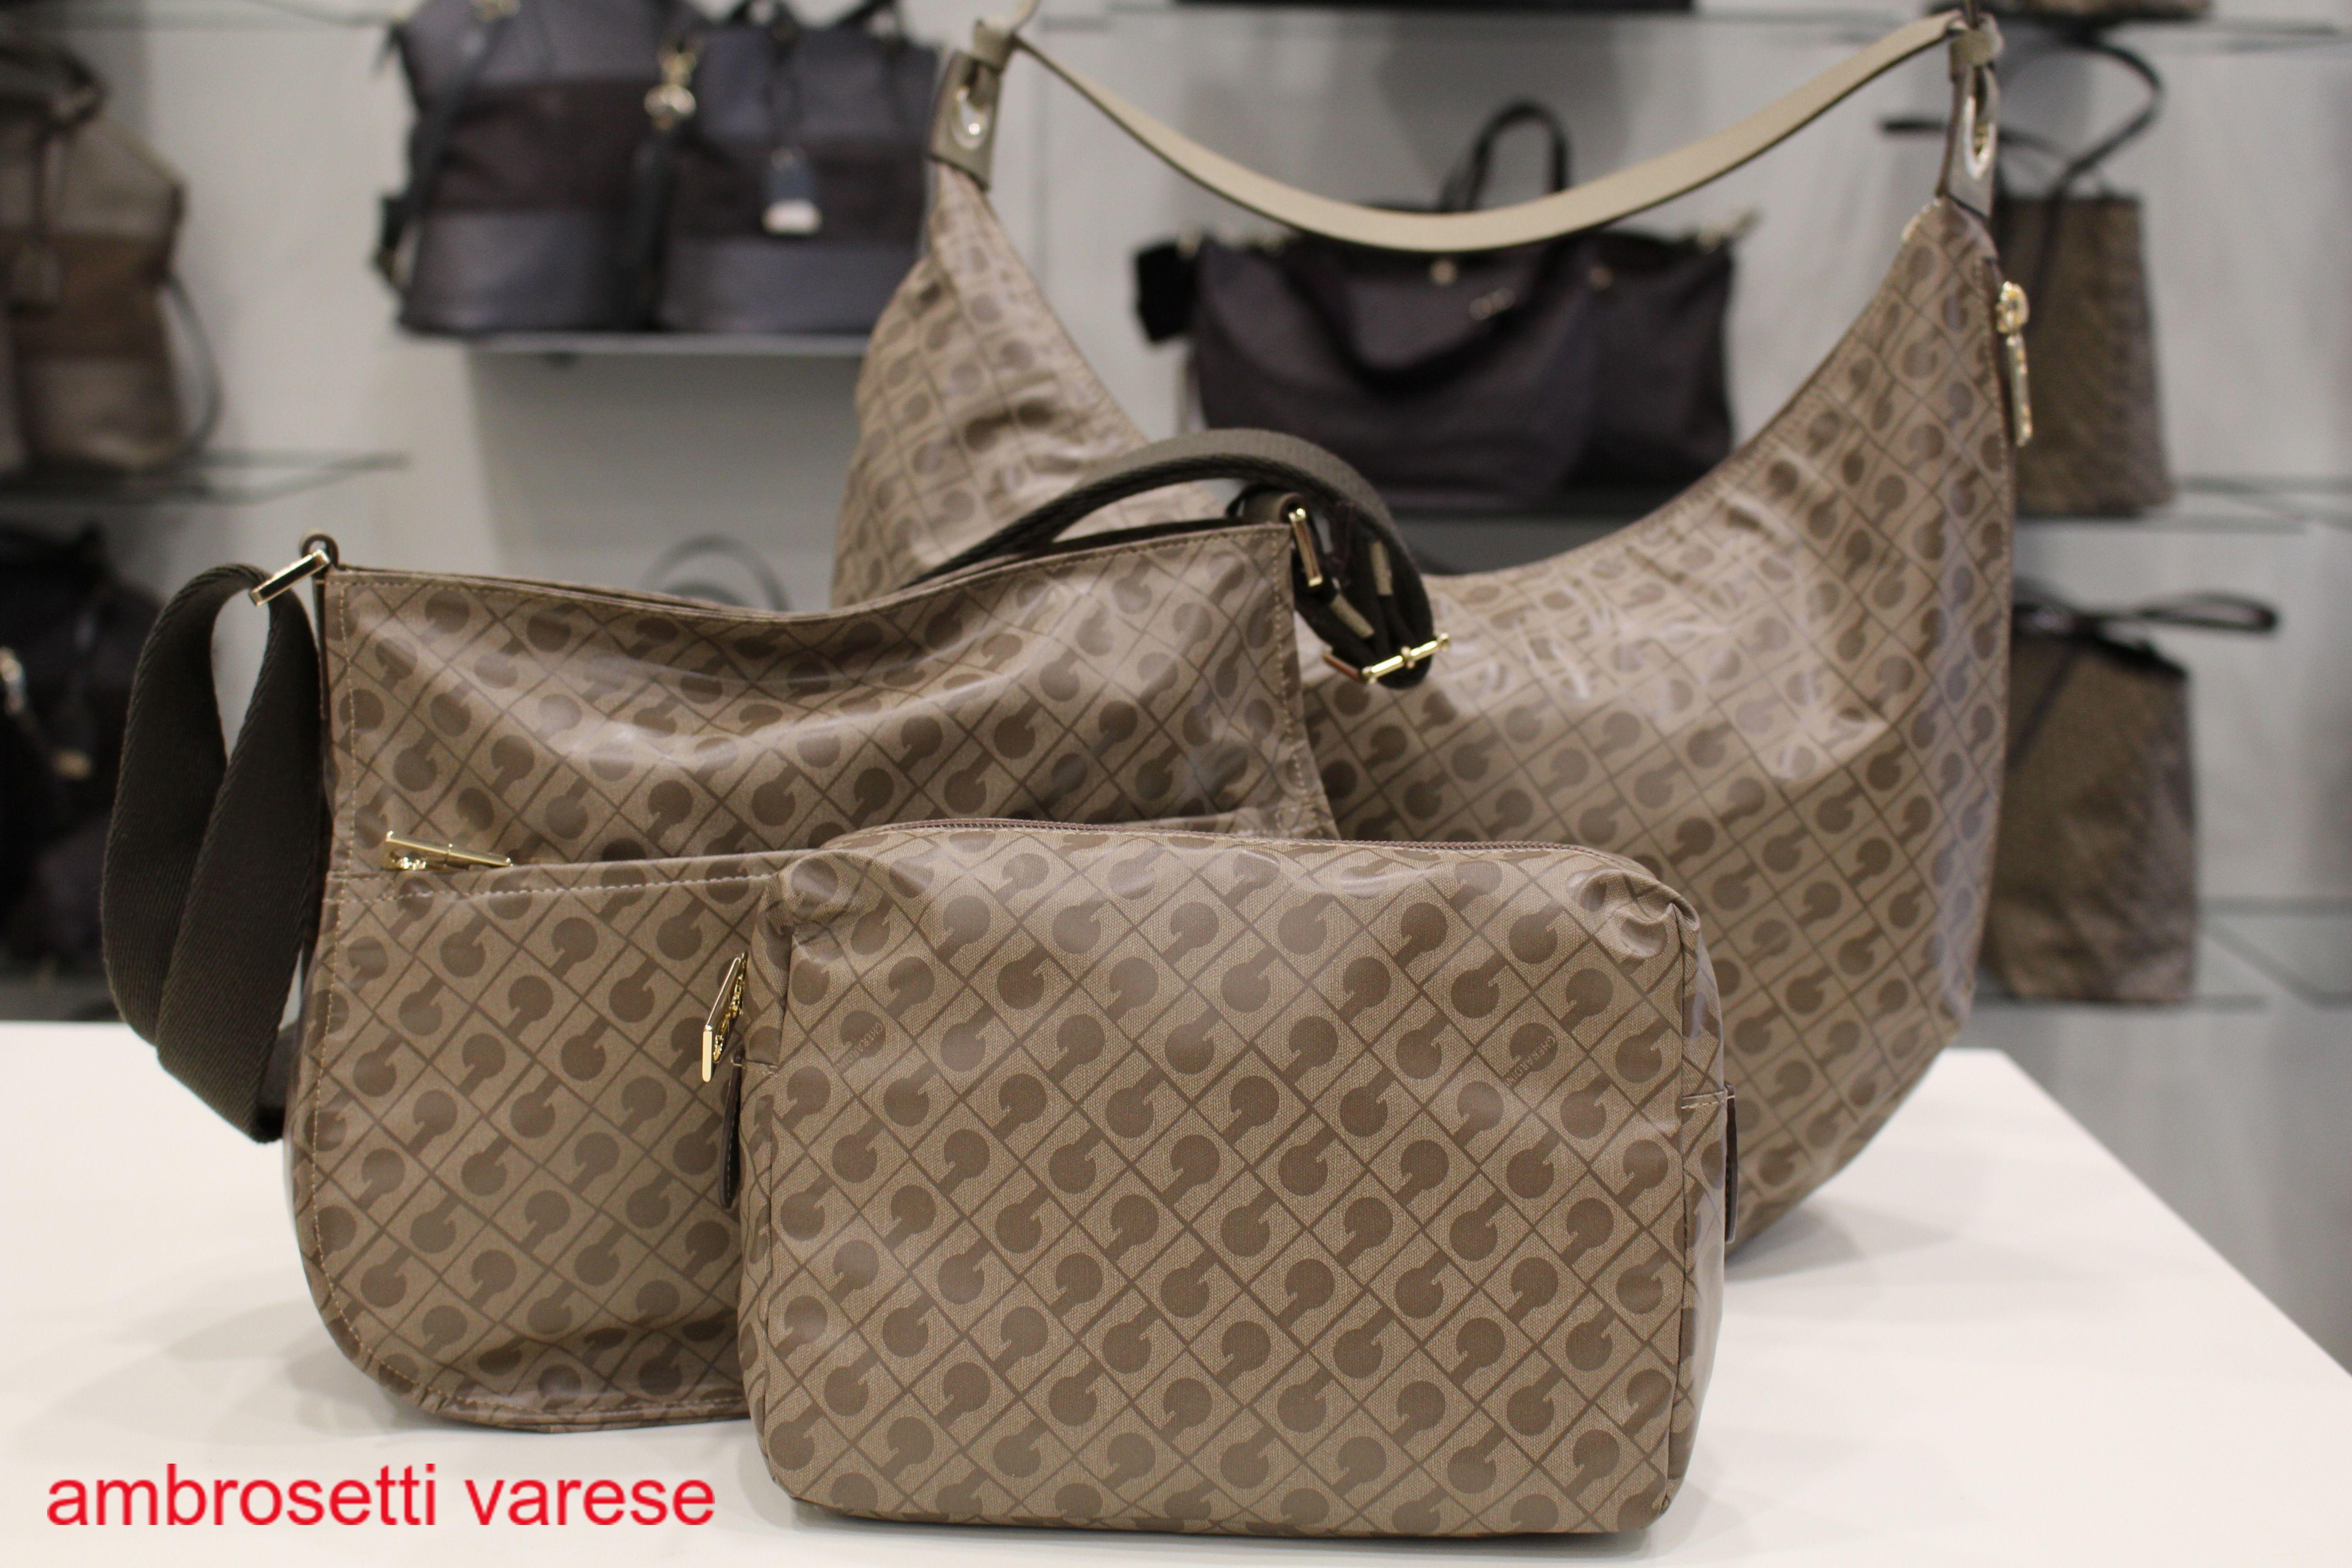 Borse Donna Gherardini.New Softy Taupe Bag By Gherardini Borse Portafogli